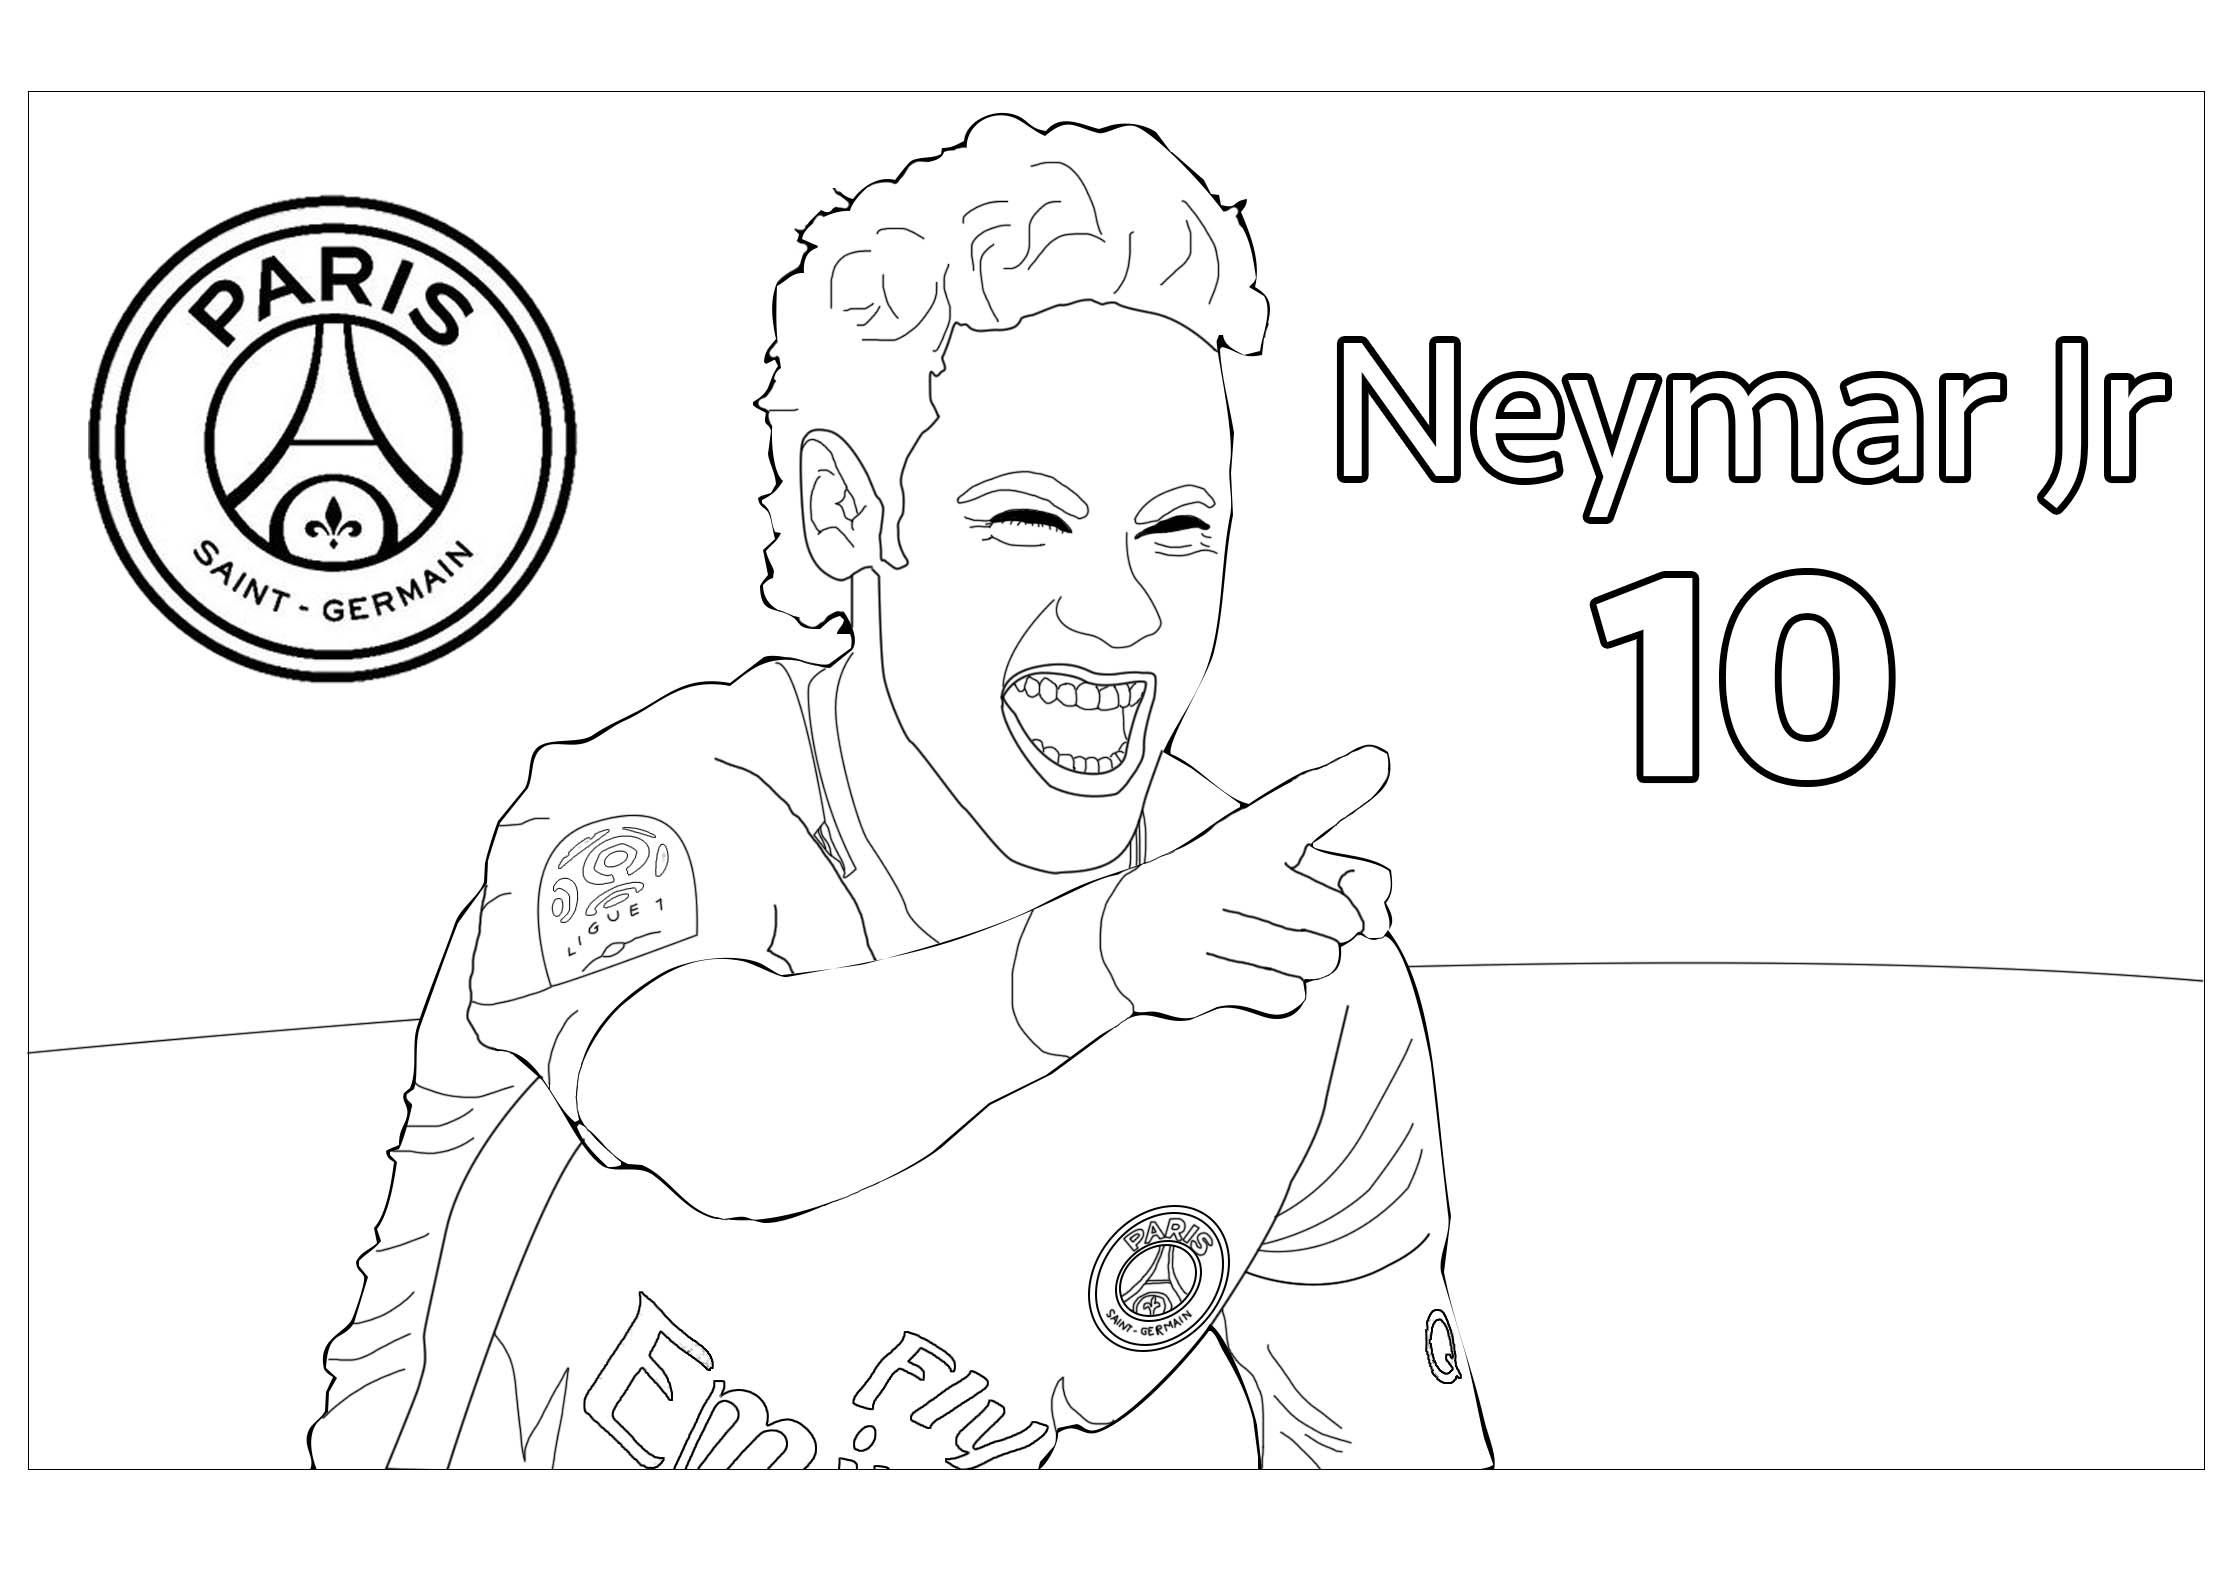 Le célèbre joueur de Football Neymar Jr - version avec Logo du PSG, son nom et son numéro de maillot